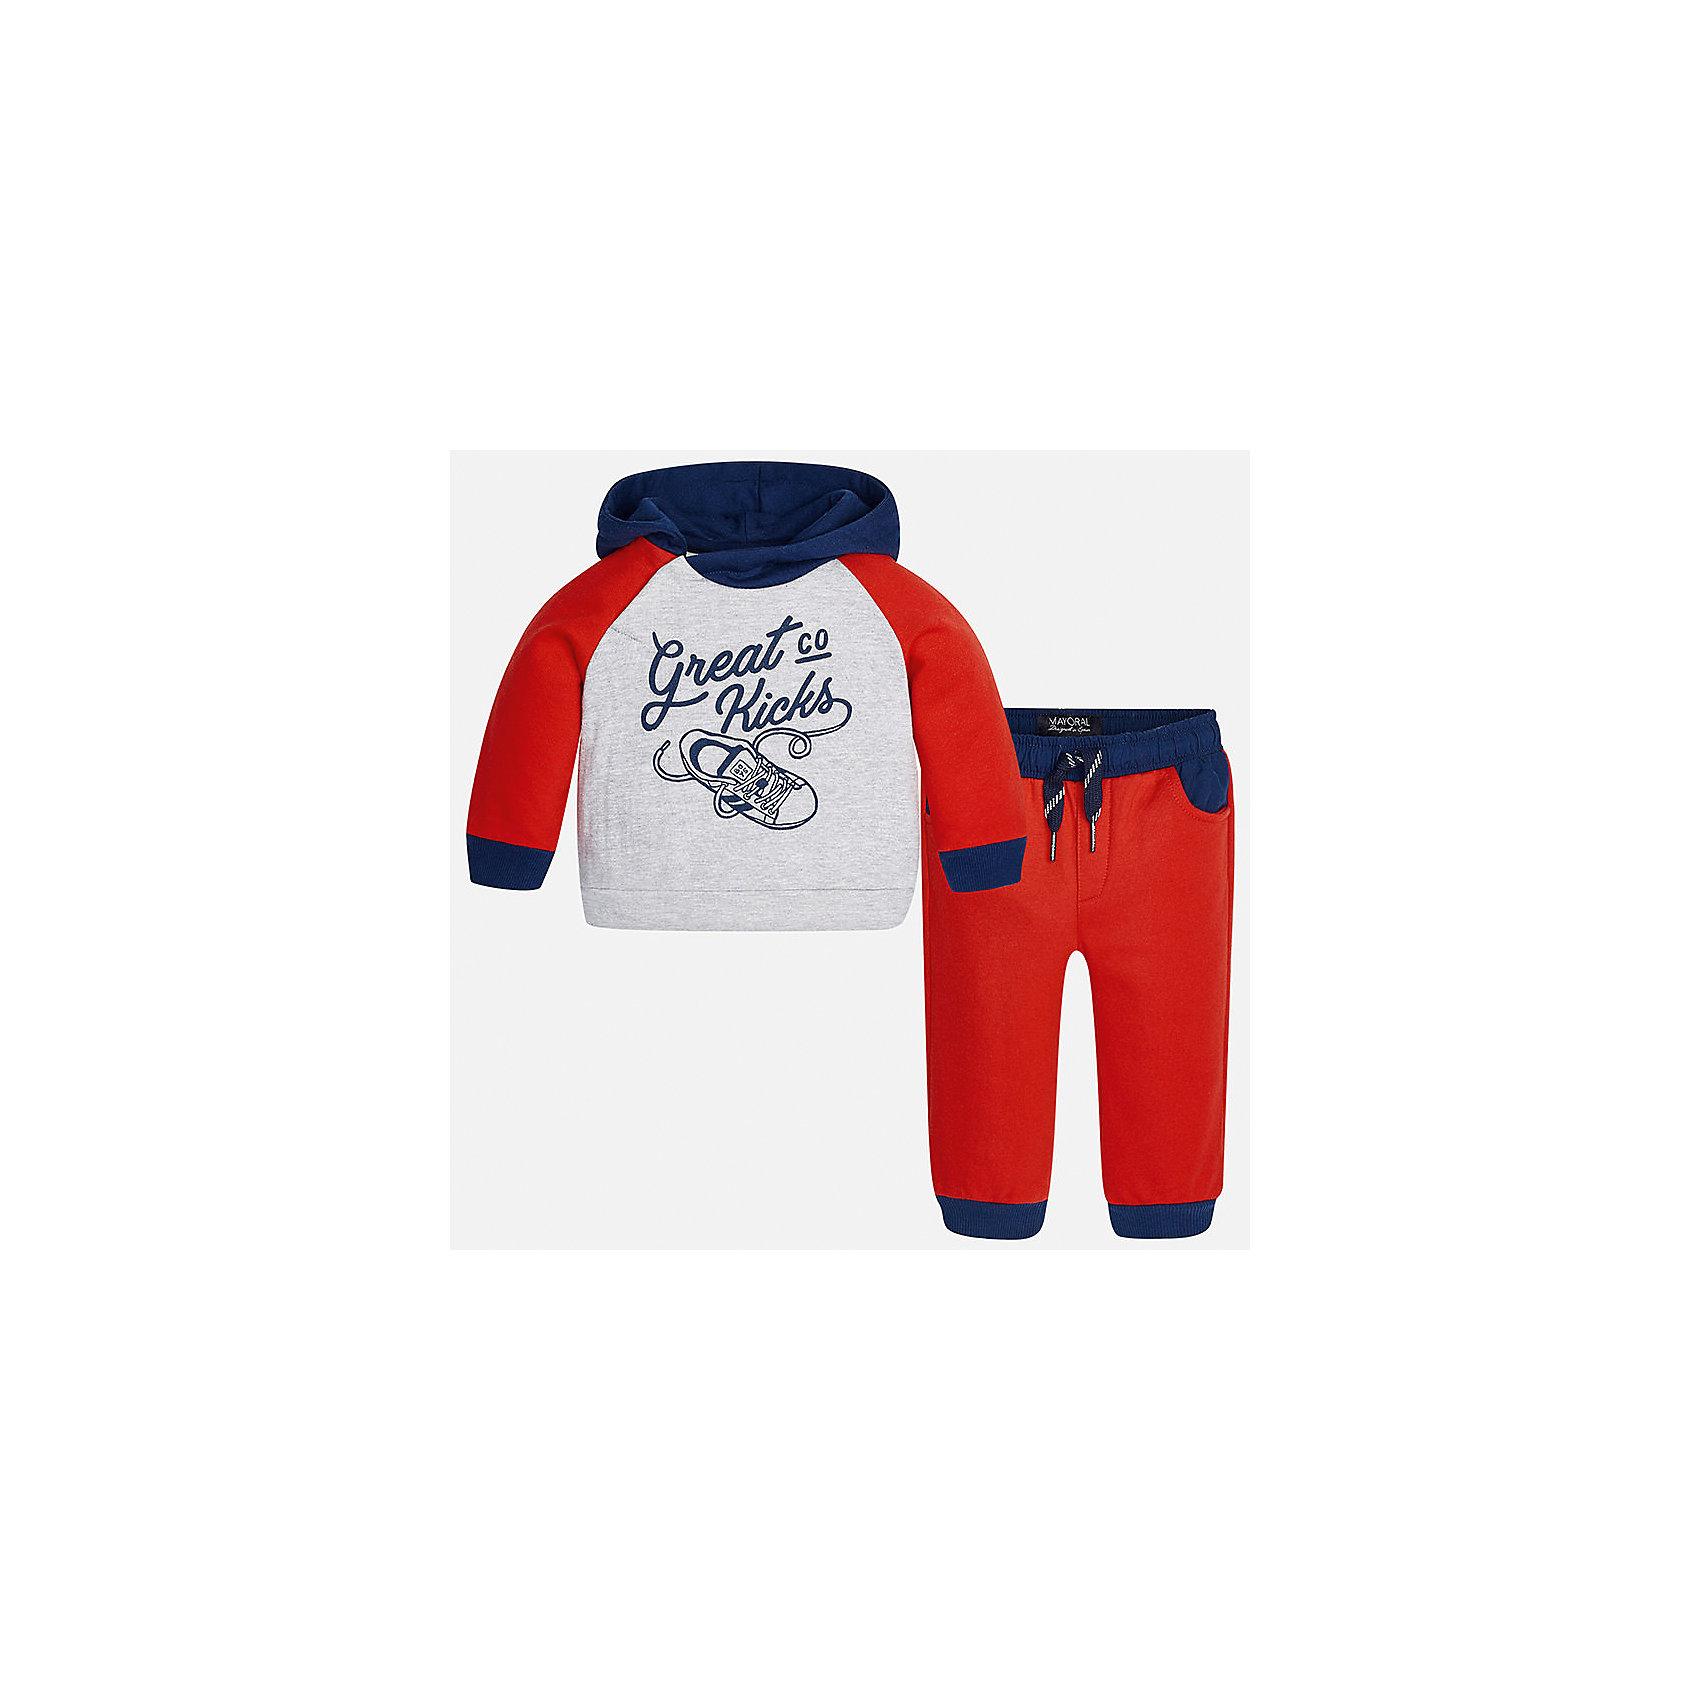 Спортивный костюм для мальчика MayoralКомплекты<br>Характеристики товара:<br><br>• цвет: красный<br>• состав ткани: куртка - 76% хлопок, 24% полиэстер, брюки - 100% хлопок<br>• комплектация: куртка, брюки<br>• сезон: демисезон<br>• особенности модели: спортивный стиль<br>• капюшон<br>• длинные рукава<br>• пояс брюк: резинка, шнурок<br>• страна бренда: Испания<br>• страна изготовитель: Индия<br><br>Яркий спортивный костюм для мальчика сделан из плотного приятного на ощупь материала. Такой детский спортивный комплект состоит из курточки и двух брюк. Благодаря продуманному крою детского спортивного костюма создаются комфортные условия для тела. Спортивный комплект для мальчика отличается стильным продуманным дизайном.<br><br>Спортивный костюм для мальчика Mayoral (Майорал) можно купить в нашем интернет-магазине.<br><br>Ширина мм: 247<br>Глубина мм: 16<br>Высота мм: 140<br>Вес г: 225<br>Цвет: красный<br>Возраст от месяцев: 24<br>Возраст до месяцев: 36<br>Пол: Мужской<br>Возраст: Детский<br>Размер: 98,74,80,86,92<br>SKU: 6935534